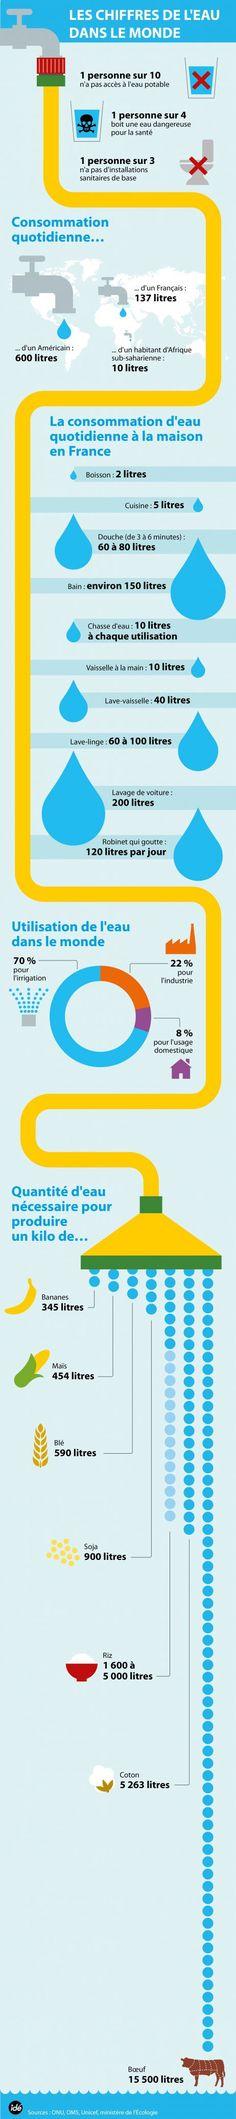 Nebia shower : le pommeau de douche révolutionnaire qui vous fait économiser 70% d'eau | Bio à la une